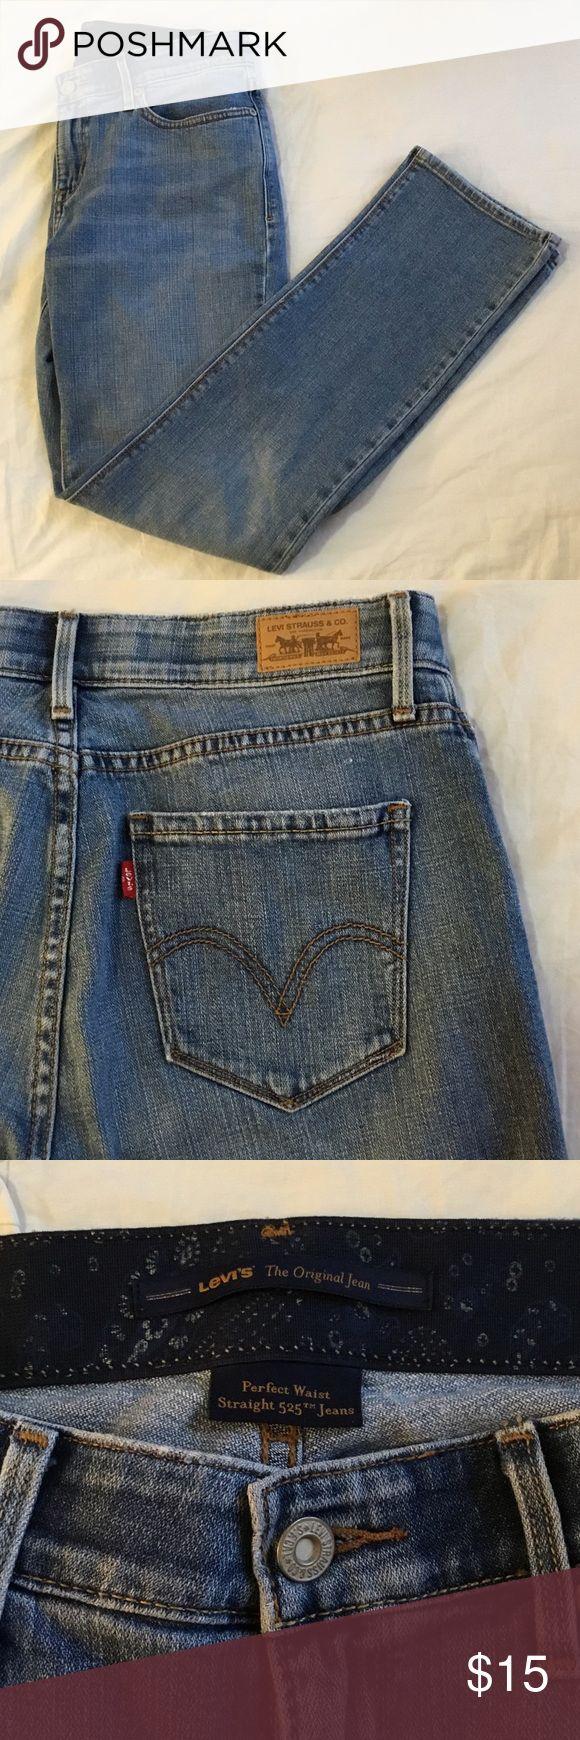 LAST CHANCE ⏳ Levi's original women's jeans Good condition . Donating soon Levi's Jeans